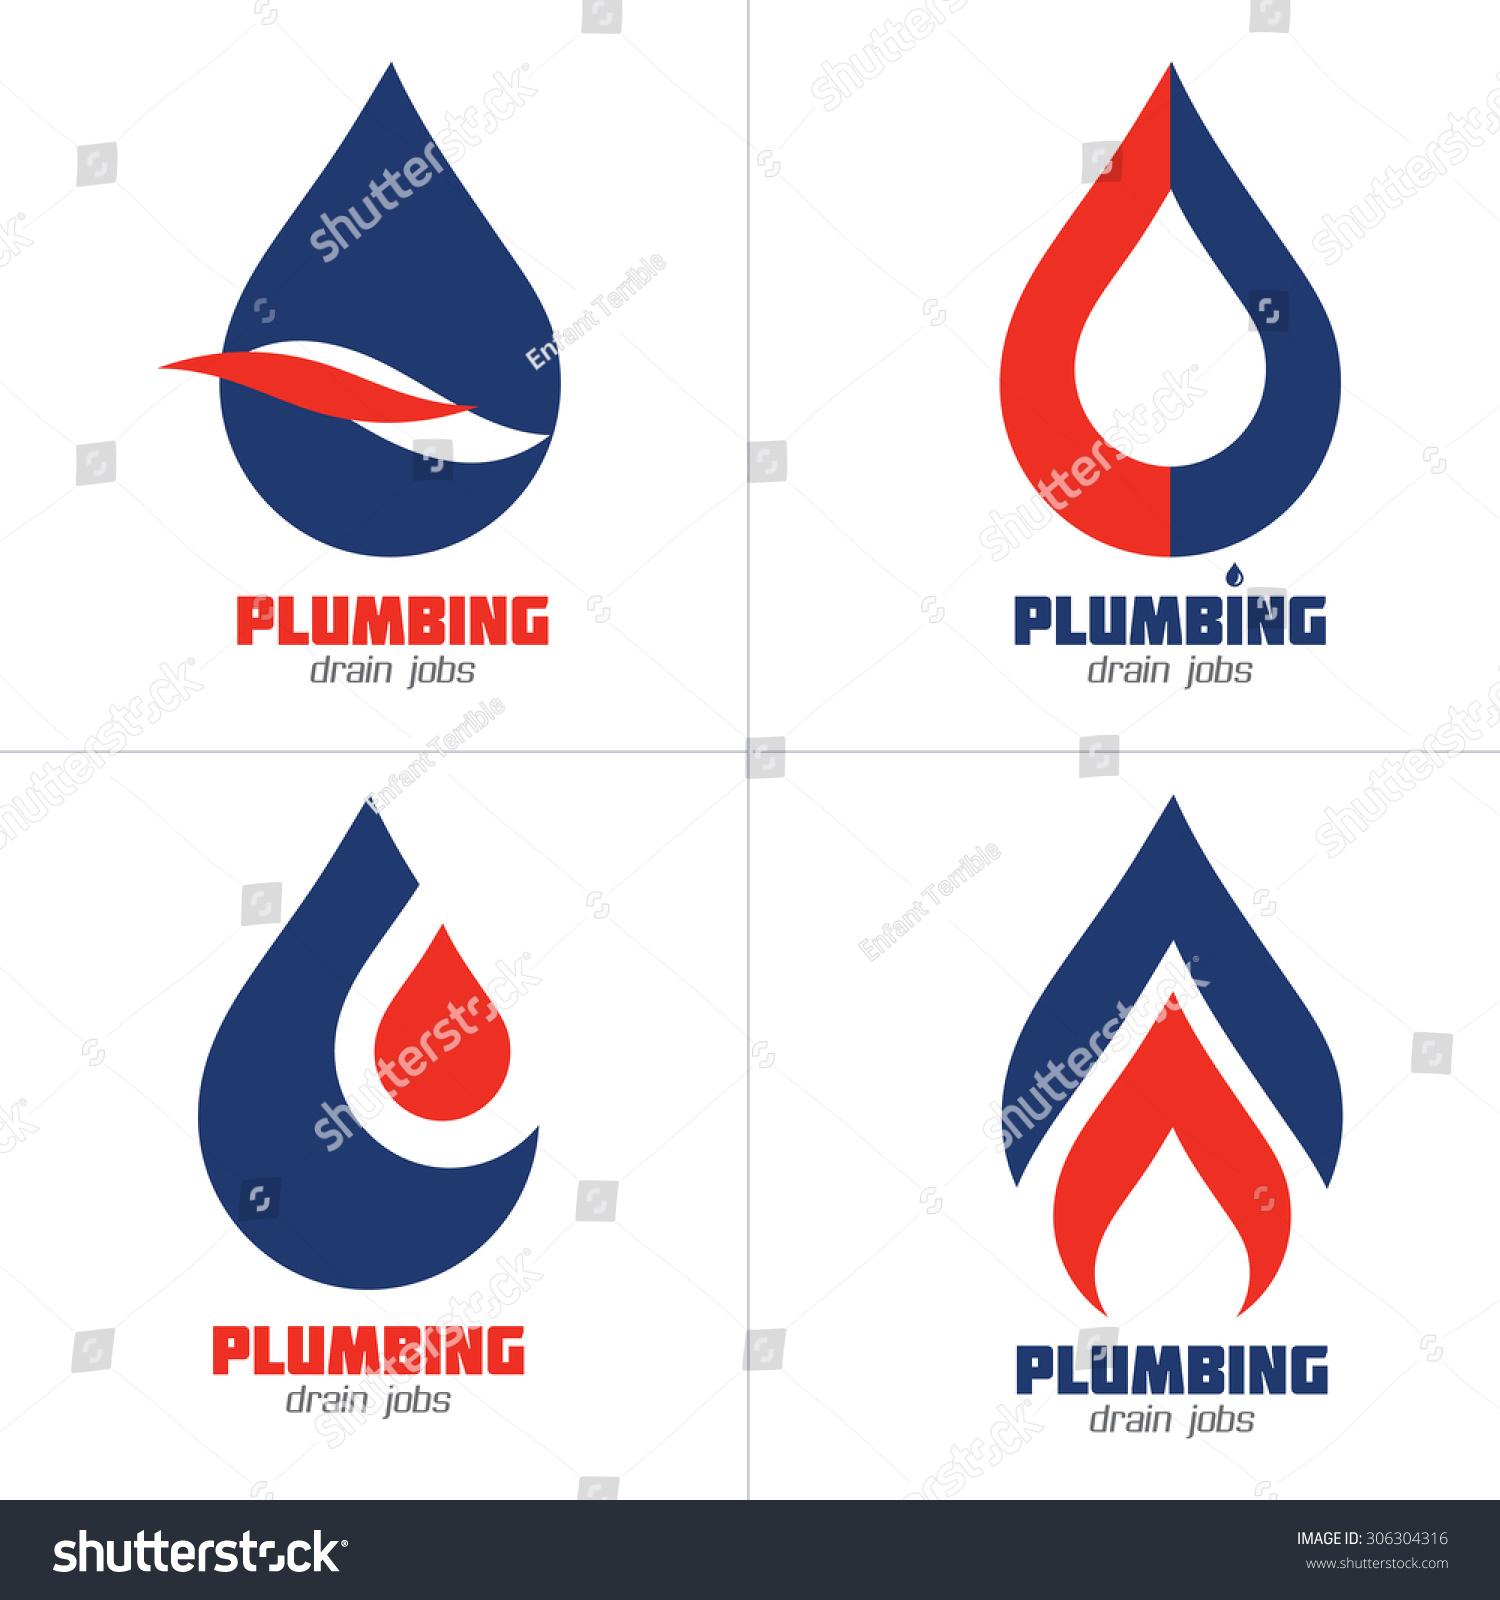 plumbing business icon vector set plumbing stock vector 306304316 shutterstock. Black Bedroom Furniture Sets. Home Design Ideas